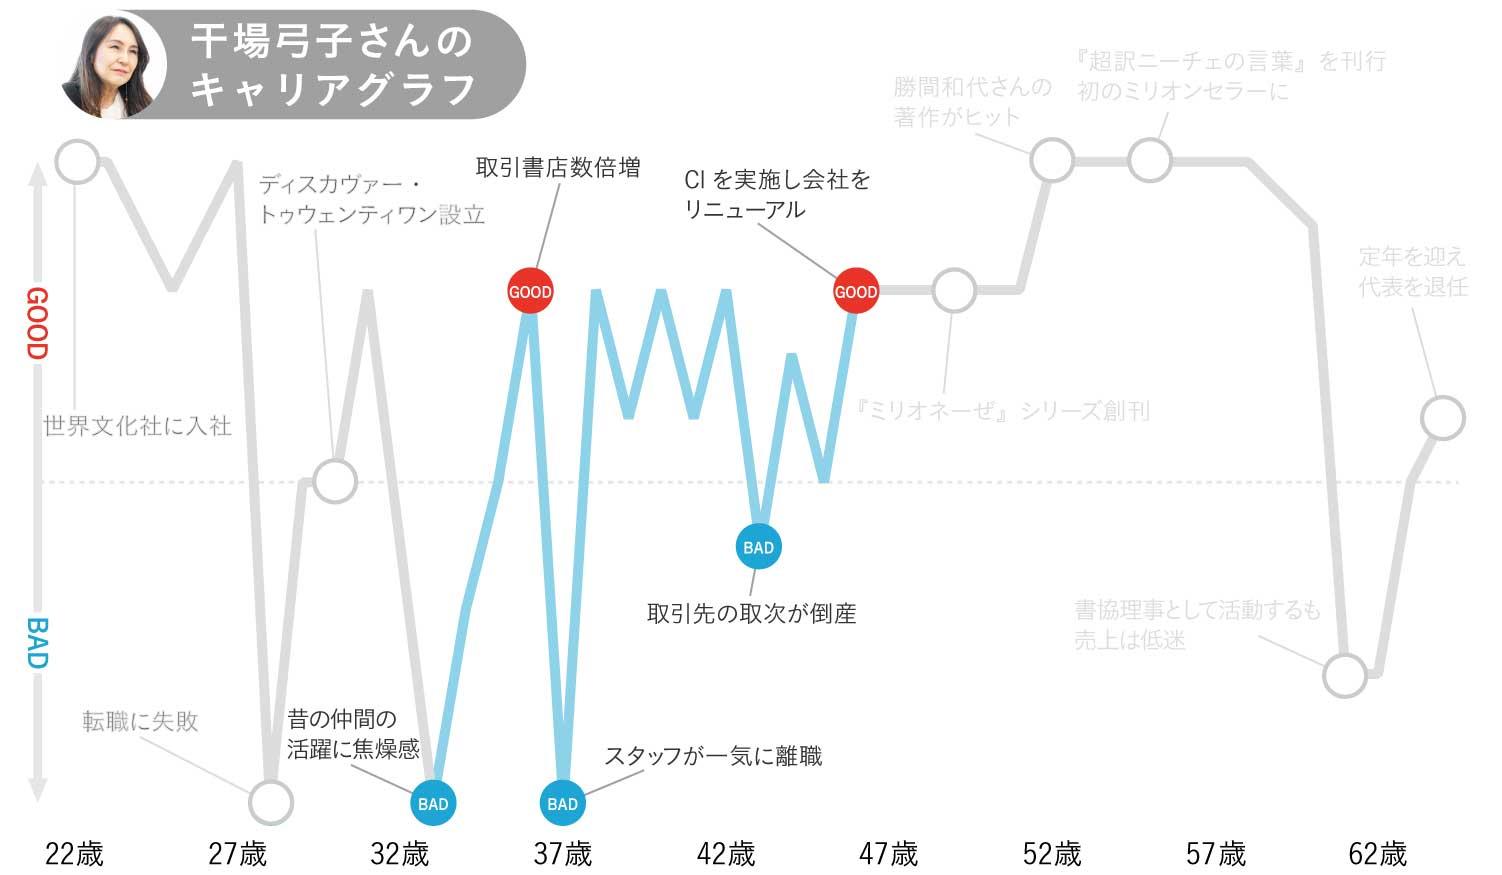 干場弓子さんのキャリアグラフ3